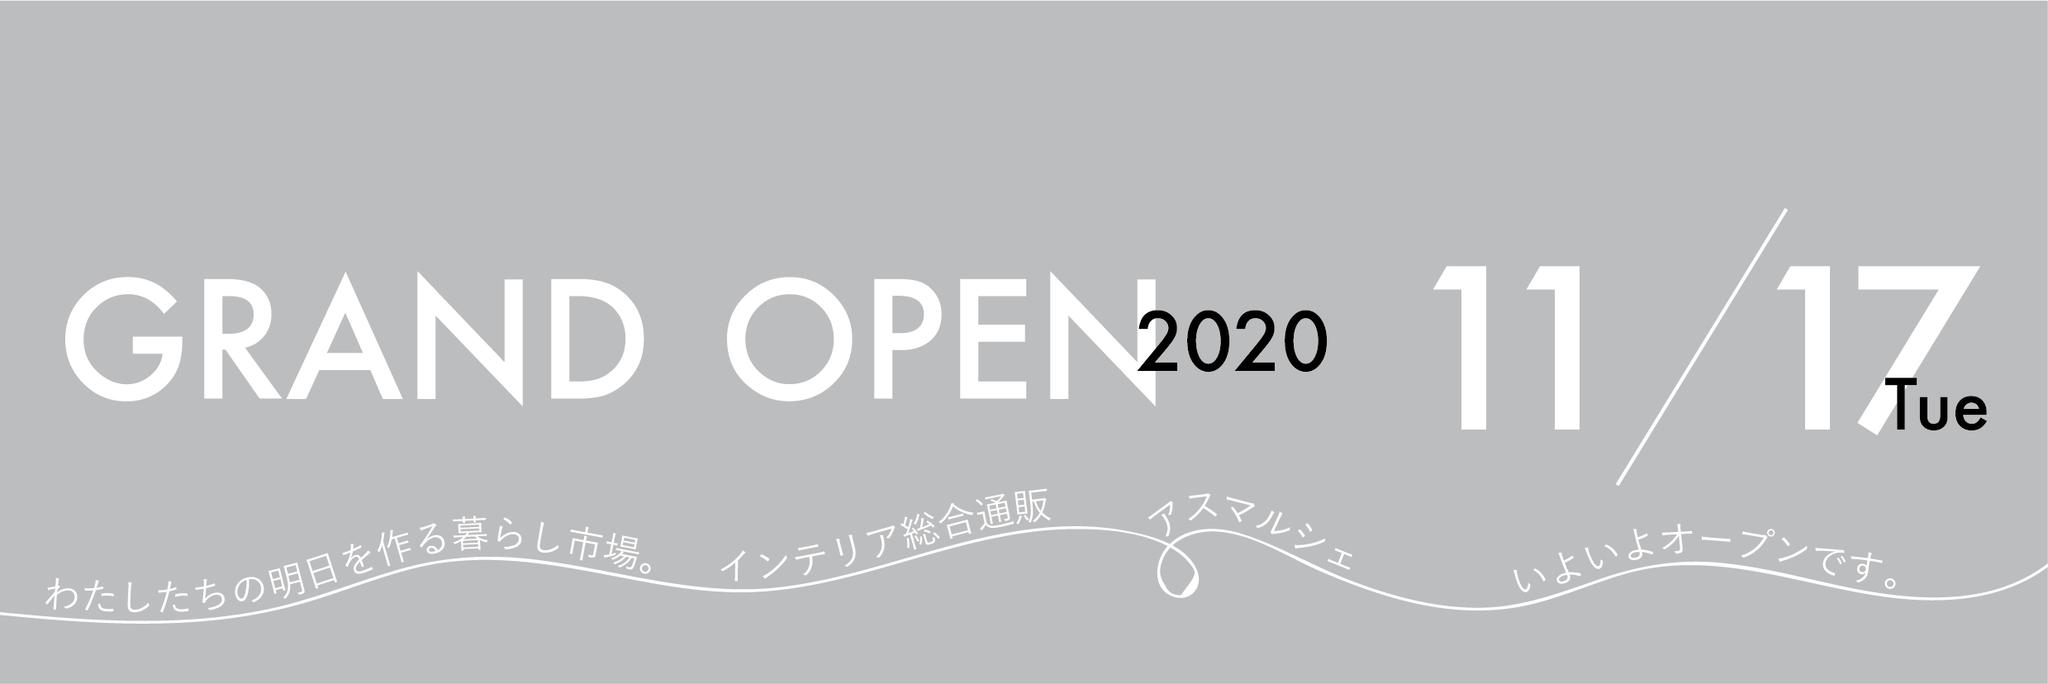 2020/11/17 ついにGRAND OPENです。